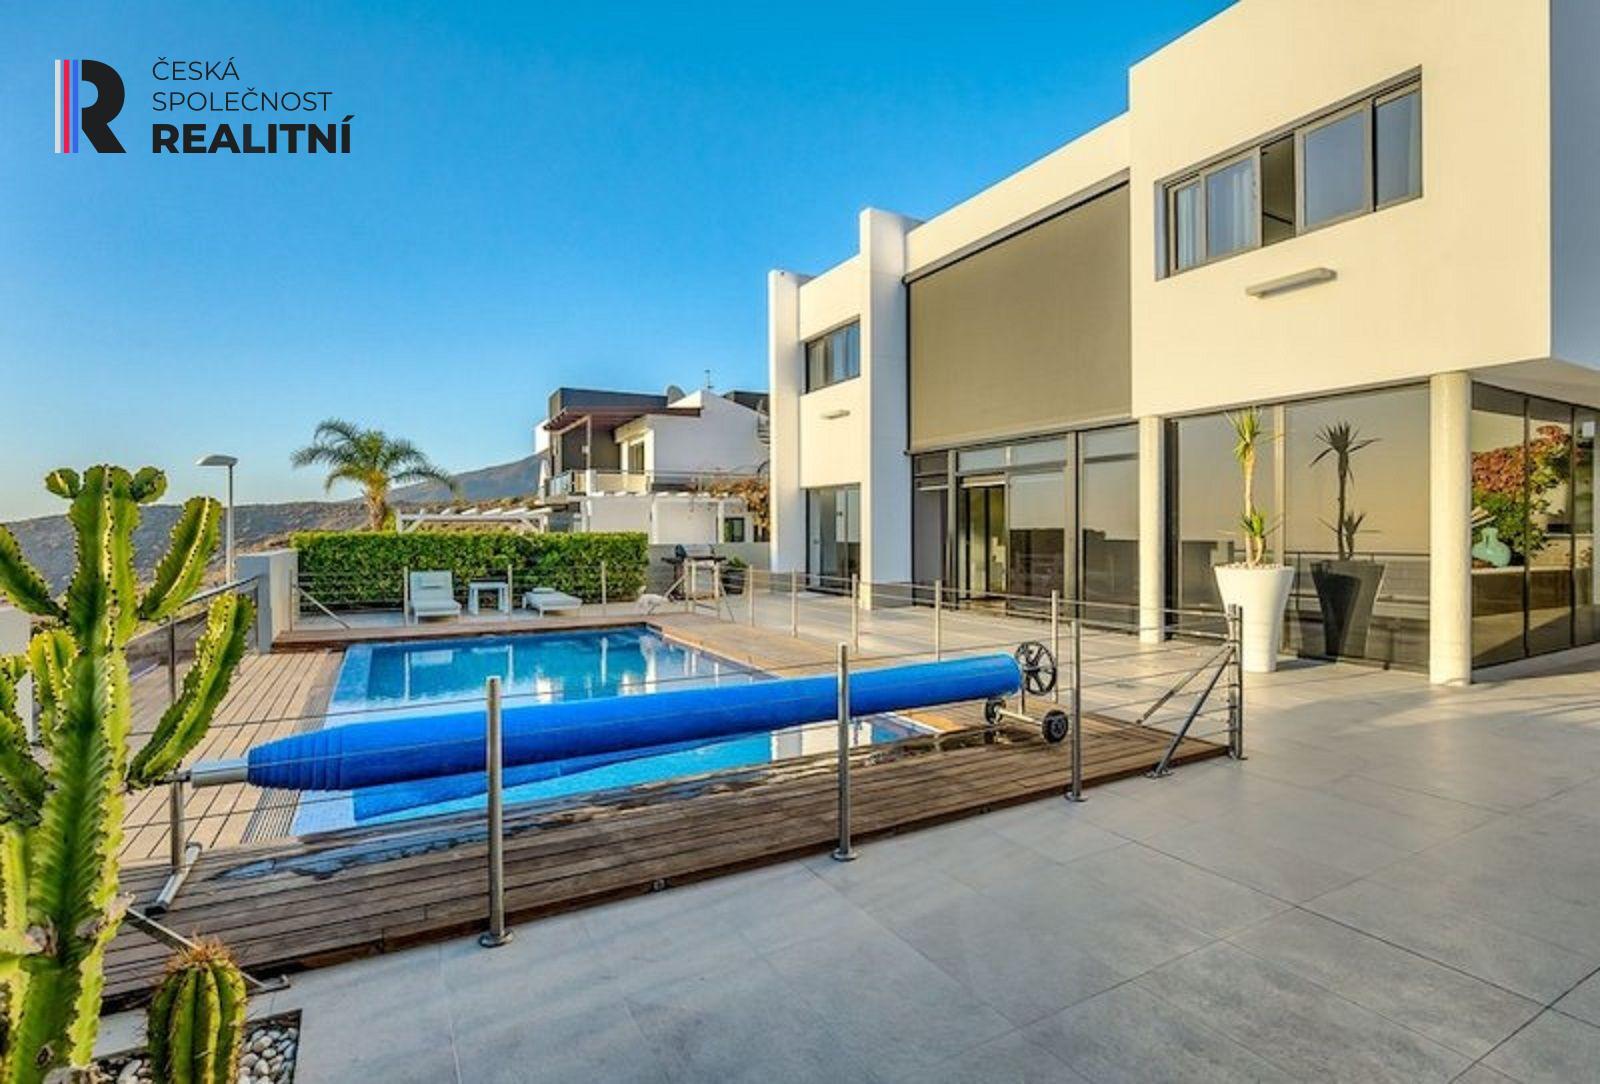 Arona - luxusní vila 5+1, užitná plocha 506 m2